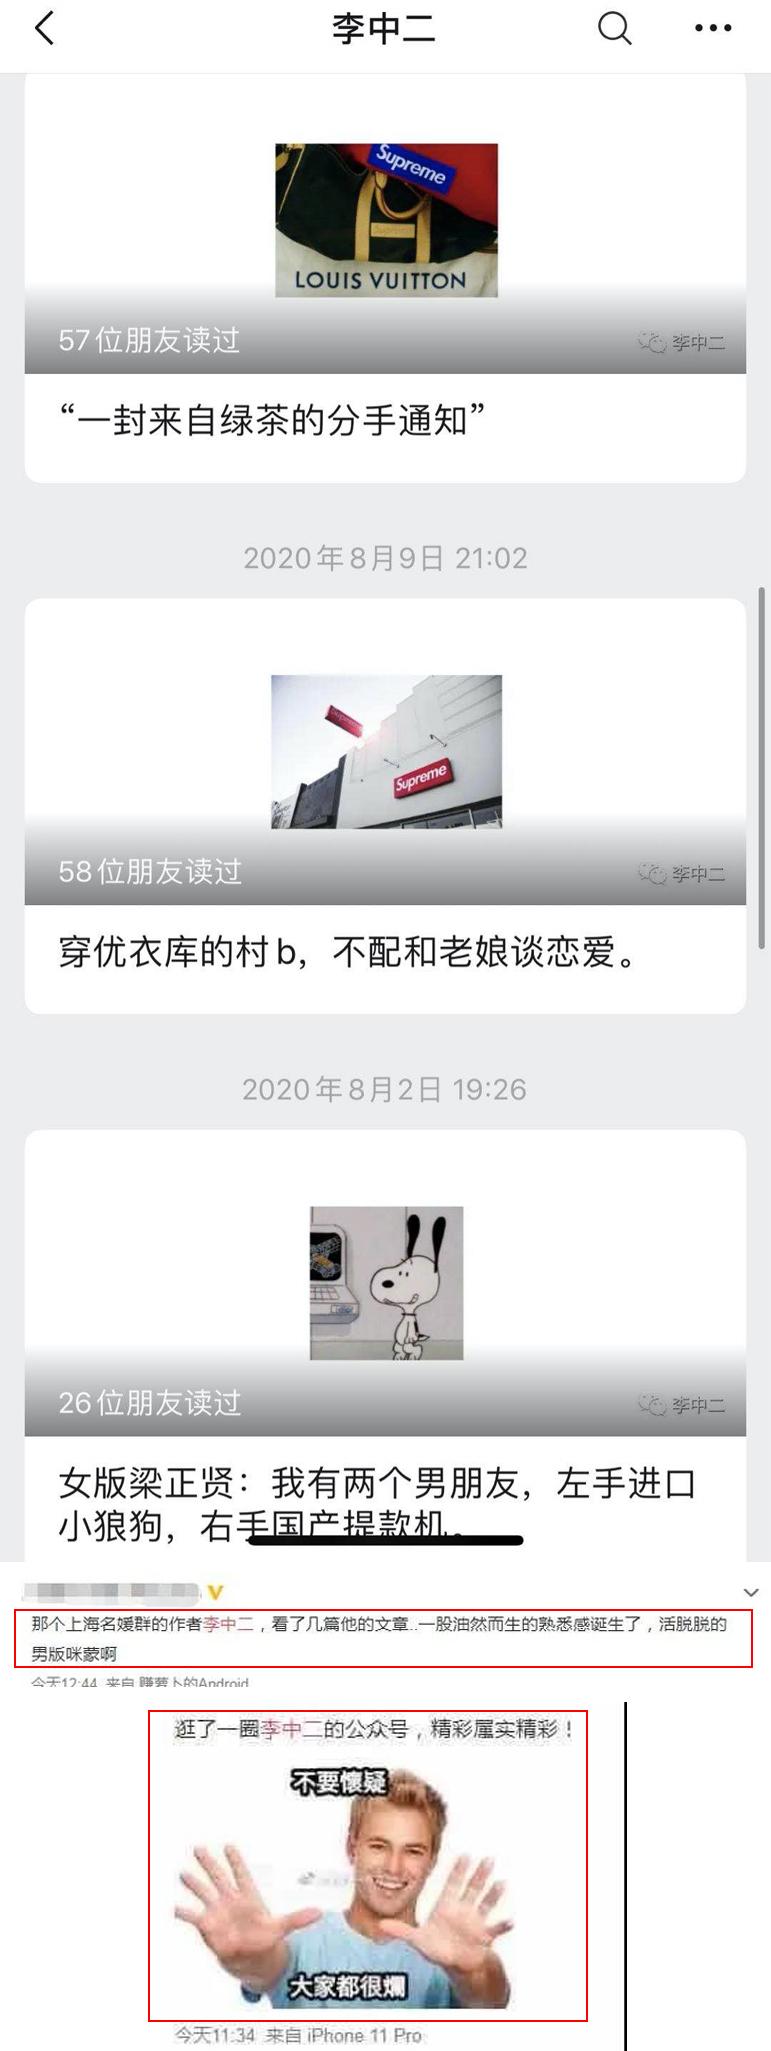 """""""上海名媛群""""根本就不存在,只是现在喜欢装逼的人太多了"""